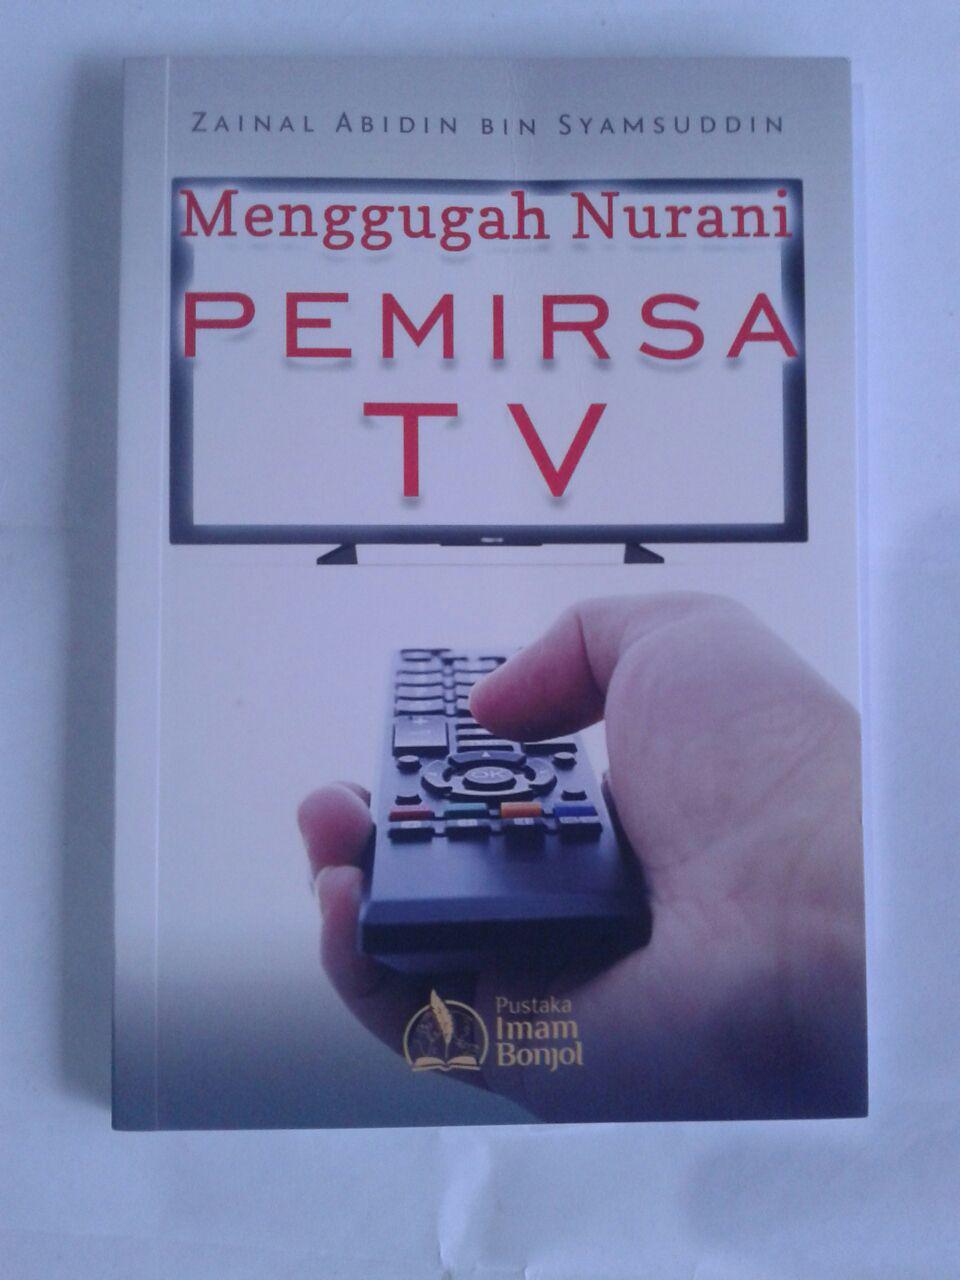 Buku Menggugah Nurani Pemirsa TV cover 2